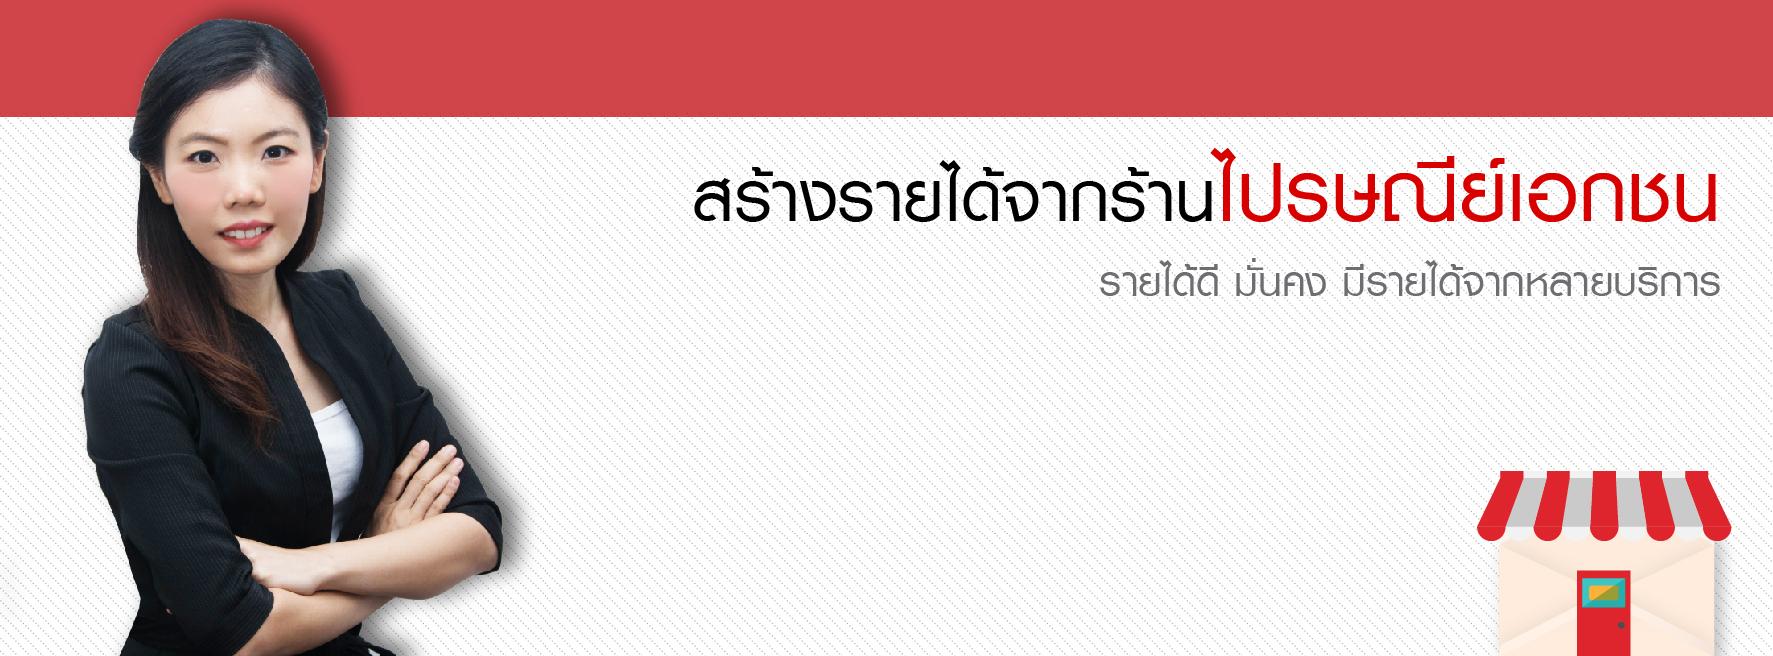 13_K Yoo_Post Office_Banner20per_03_web-09